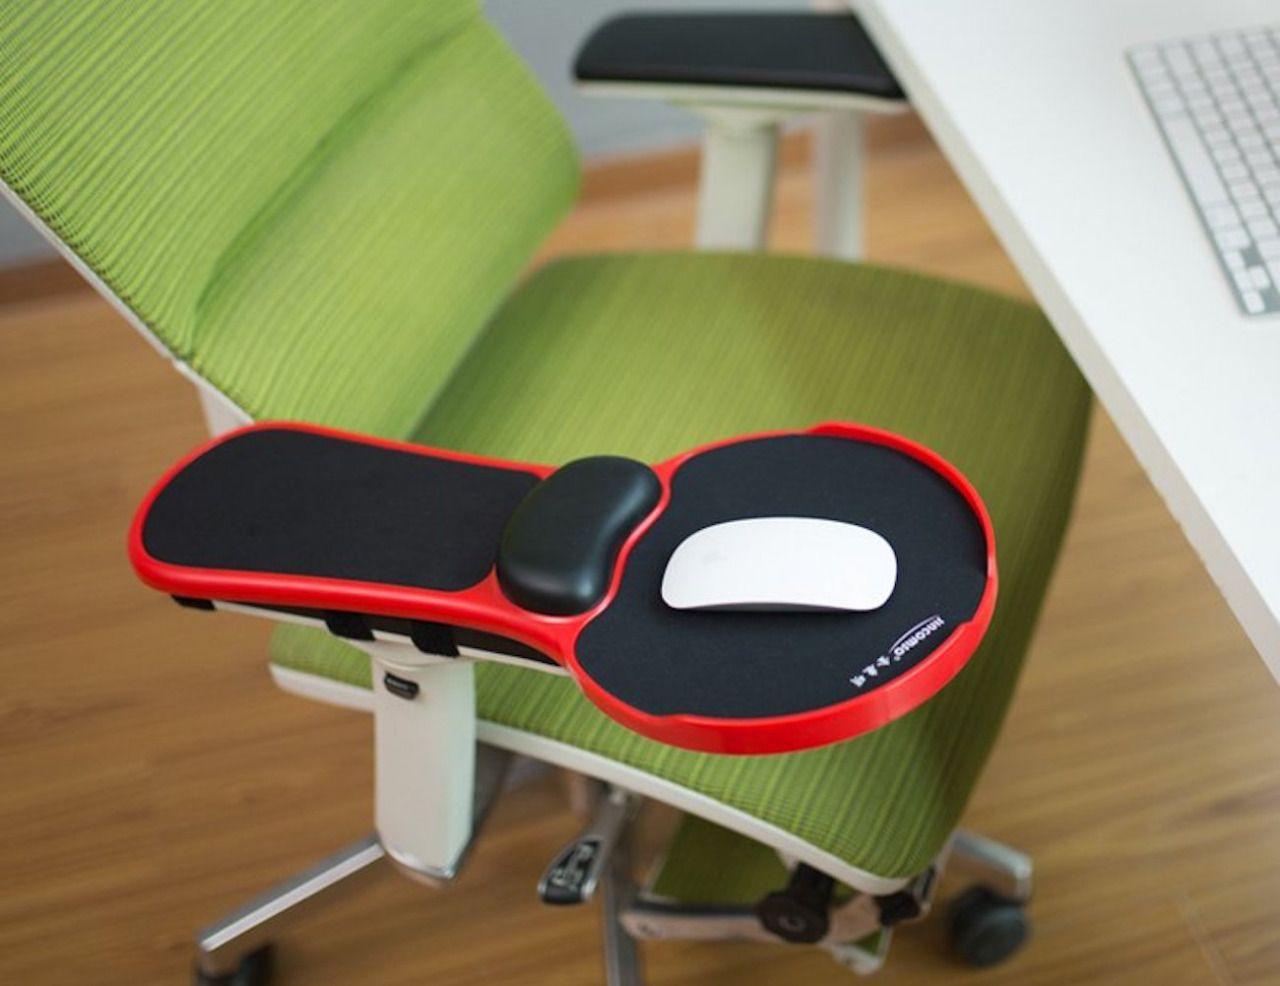 Mouse Pad Arm Rest By JINCOMSO   Http://thegadgetflow.com/portfolio